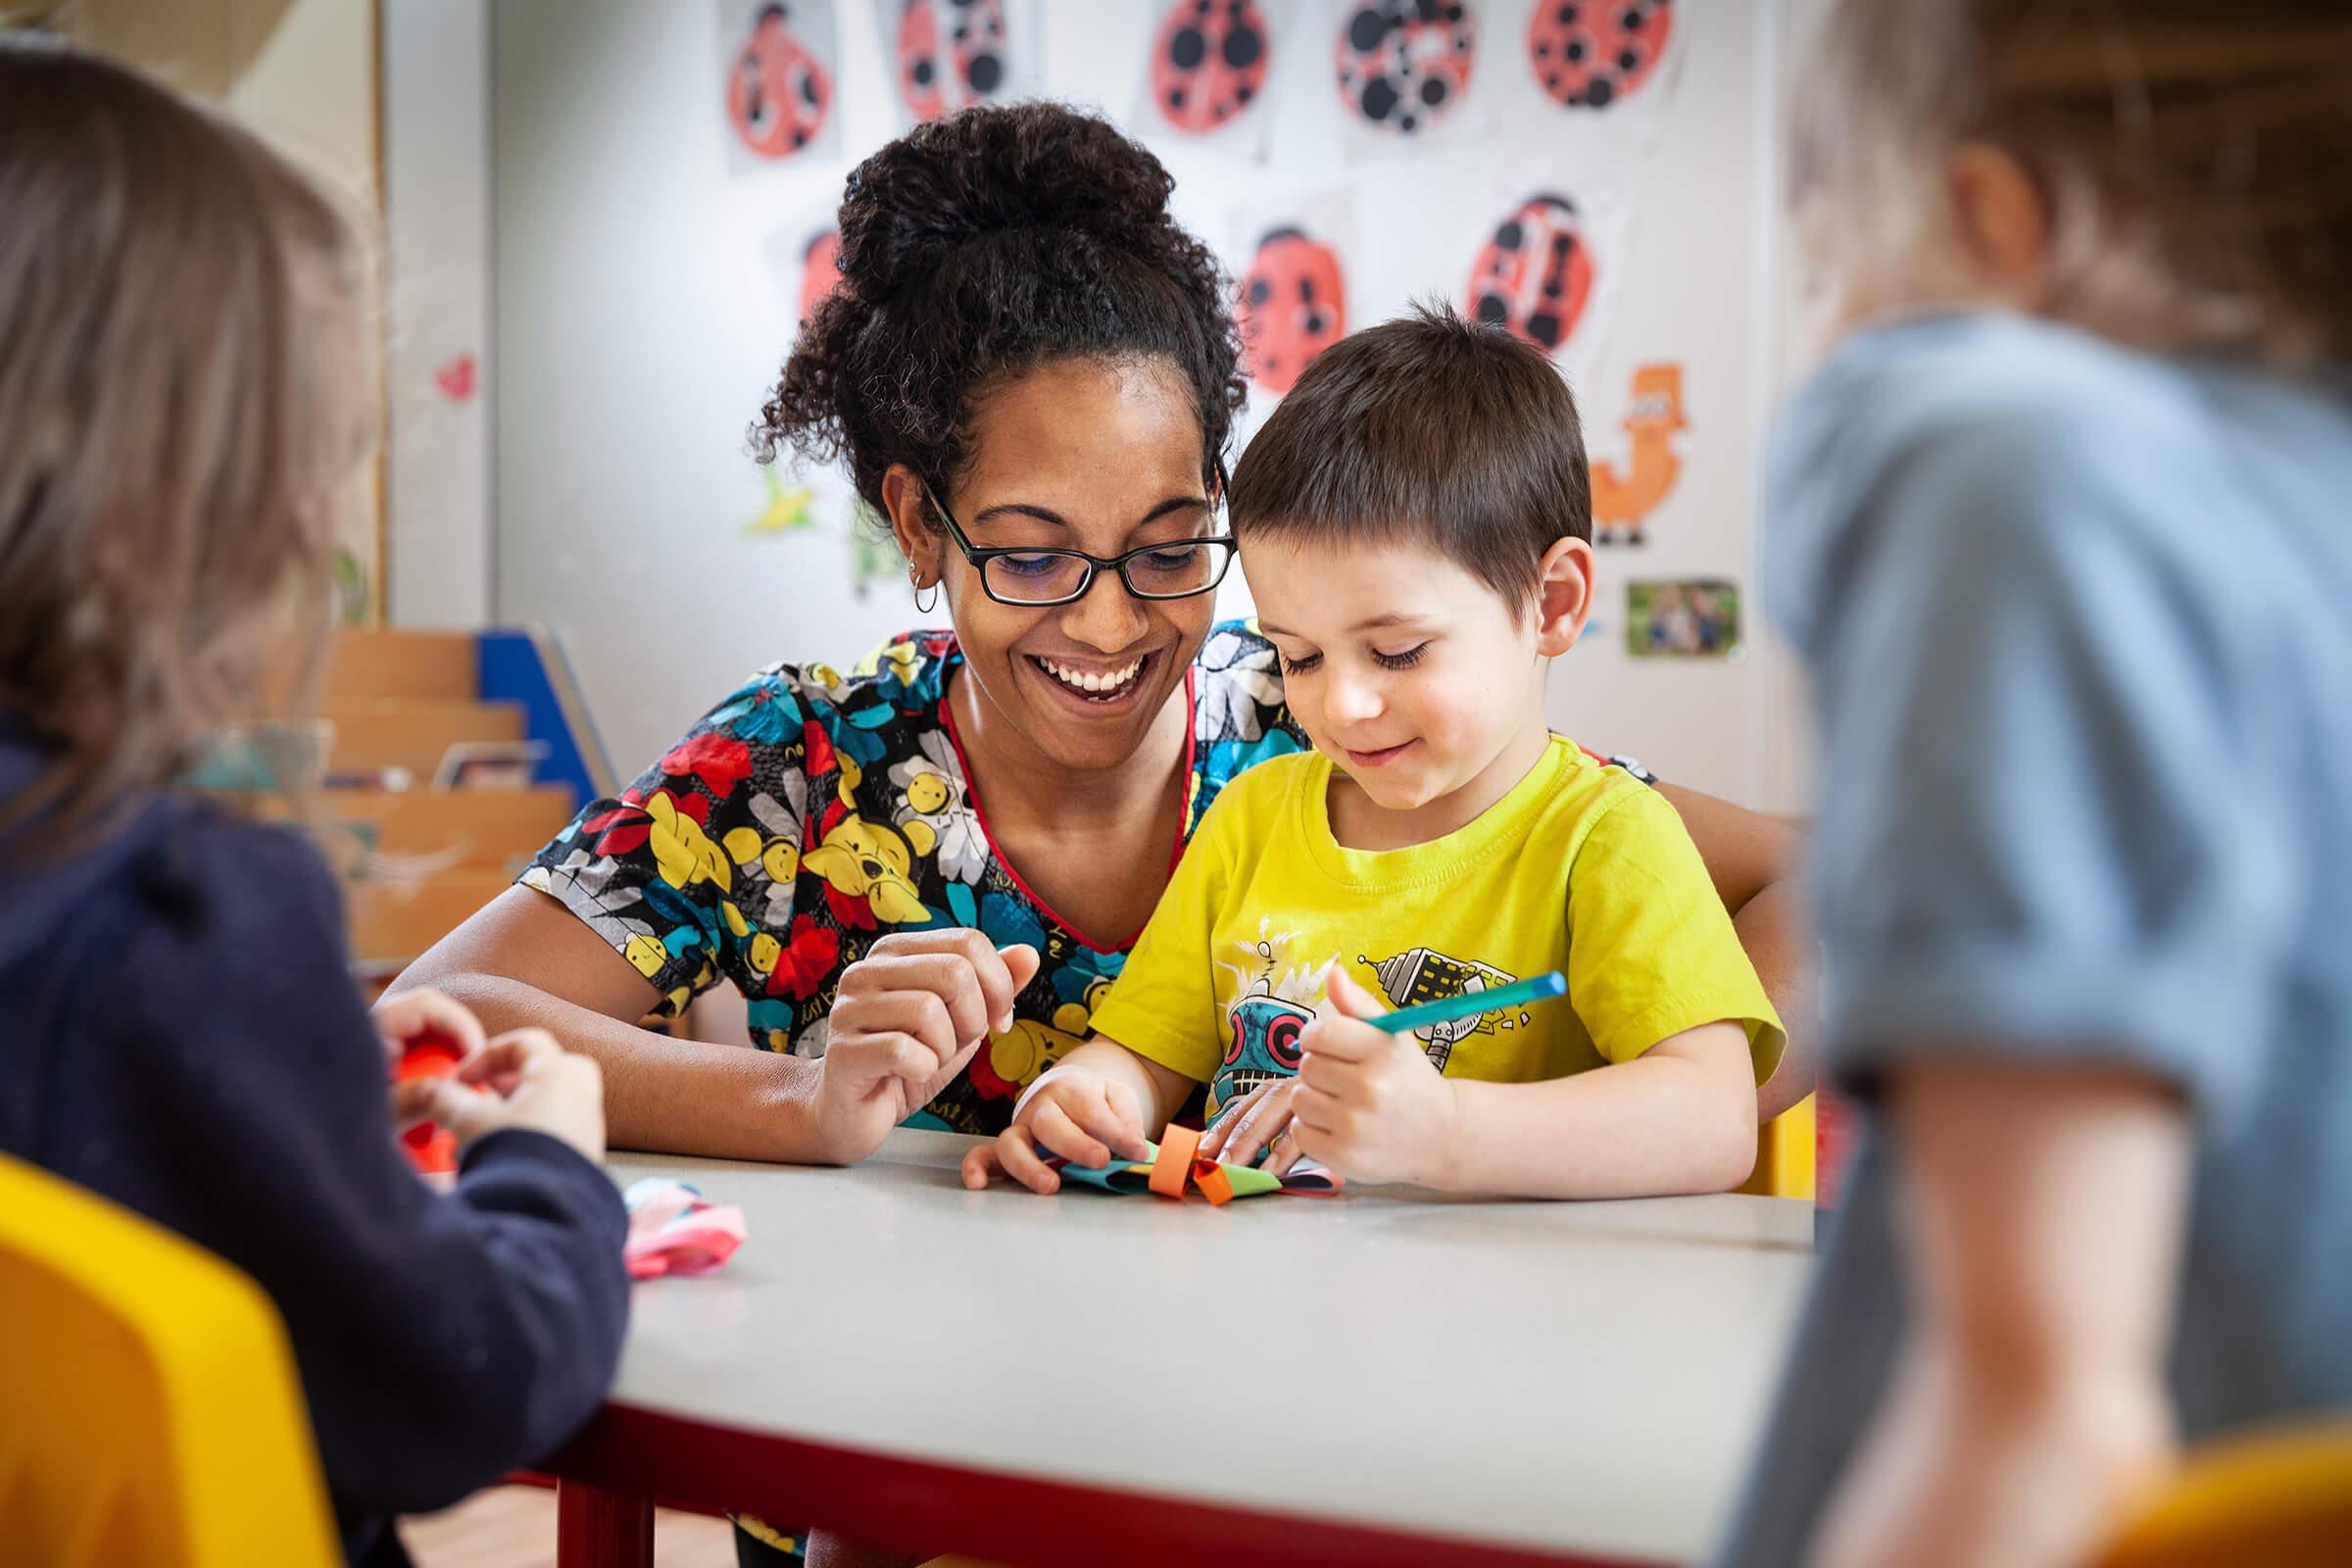 Groupe Collegia secteur Matane propose son programme Techniques d'éducation à l'enfance